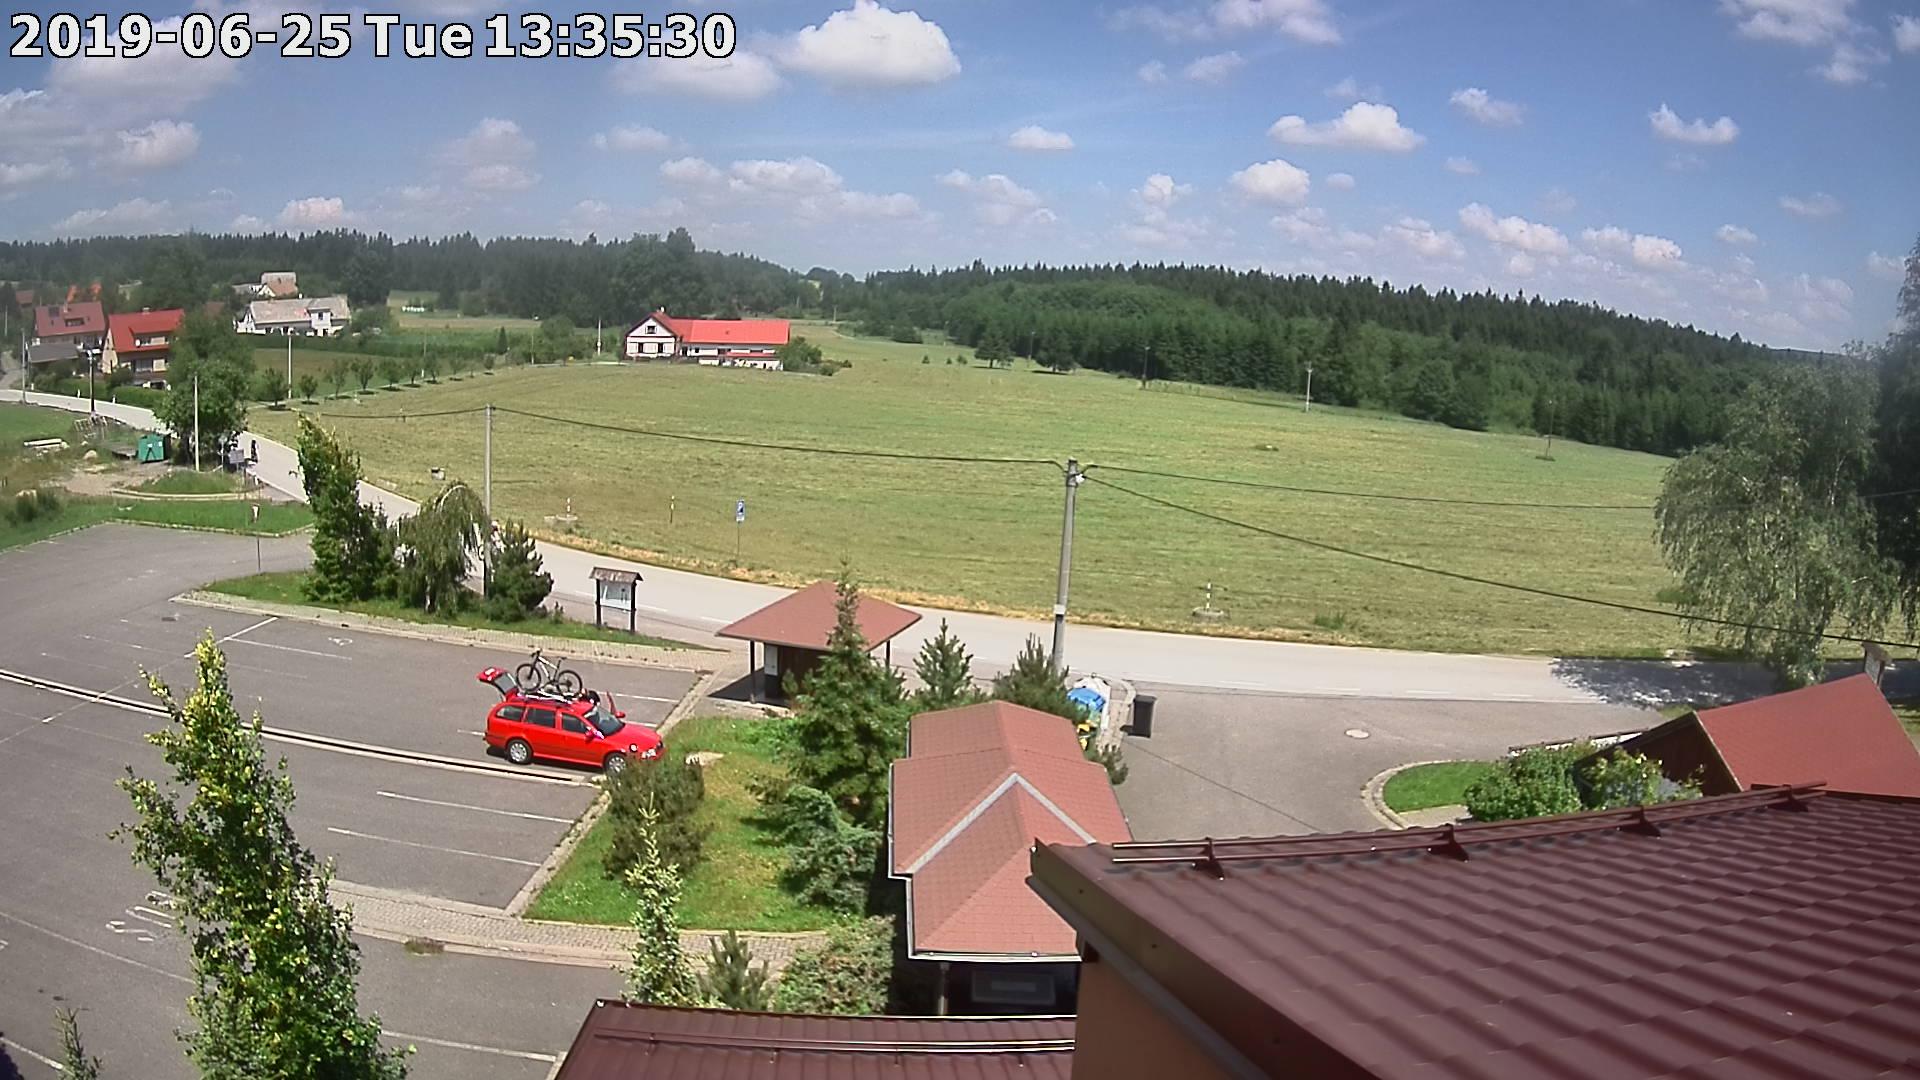 Webkamera ze dne 2019-06-25